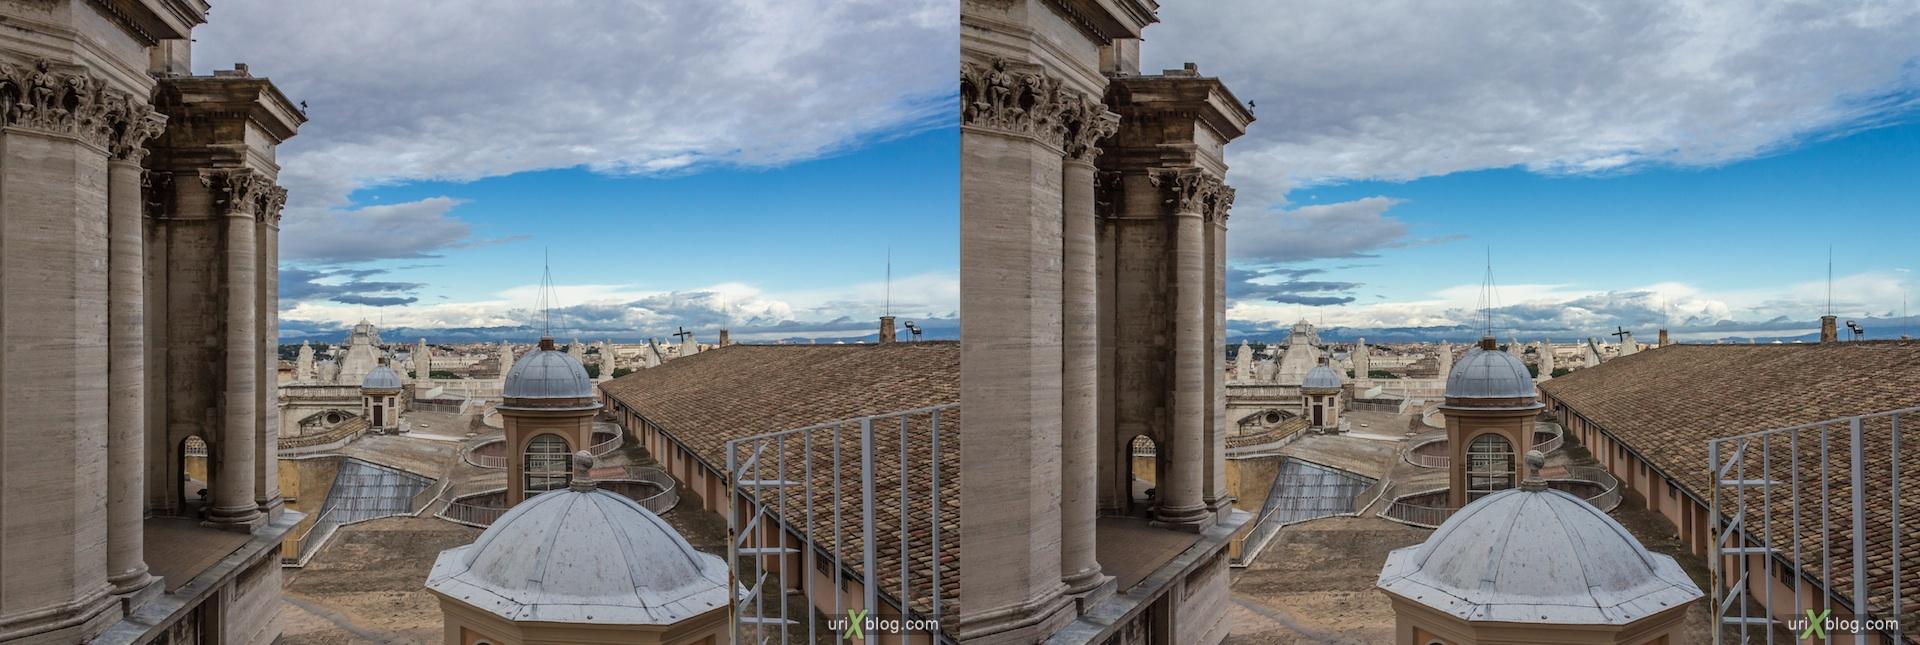 2012, собор Святого Петра, Ватикан, Рим, Италия, 3D, перекрёстные стереопары, стерео, стереопара, стереопары